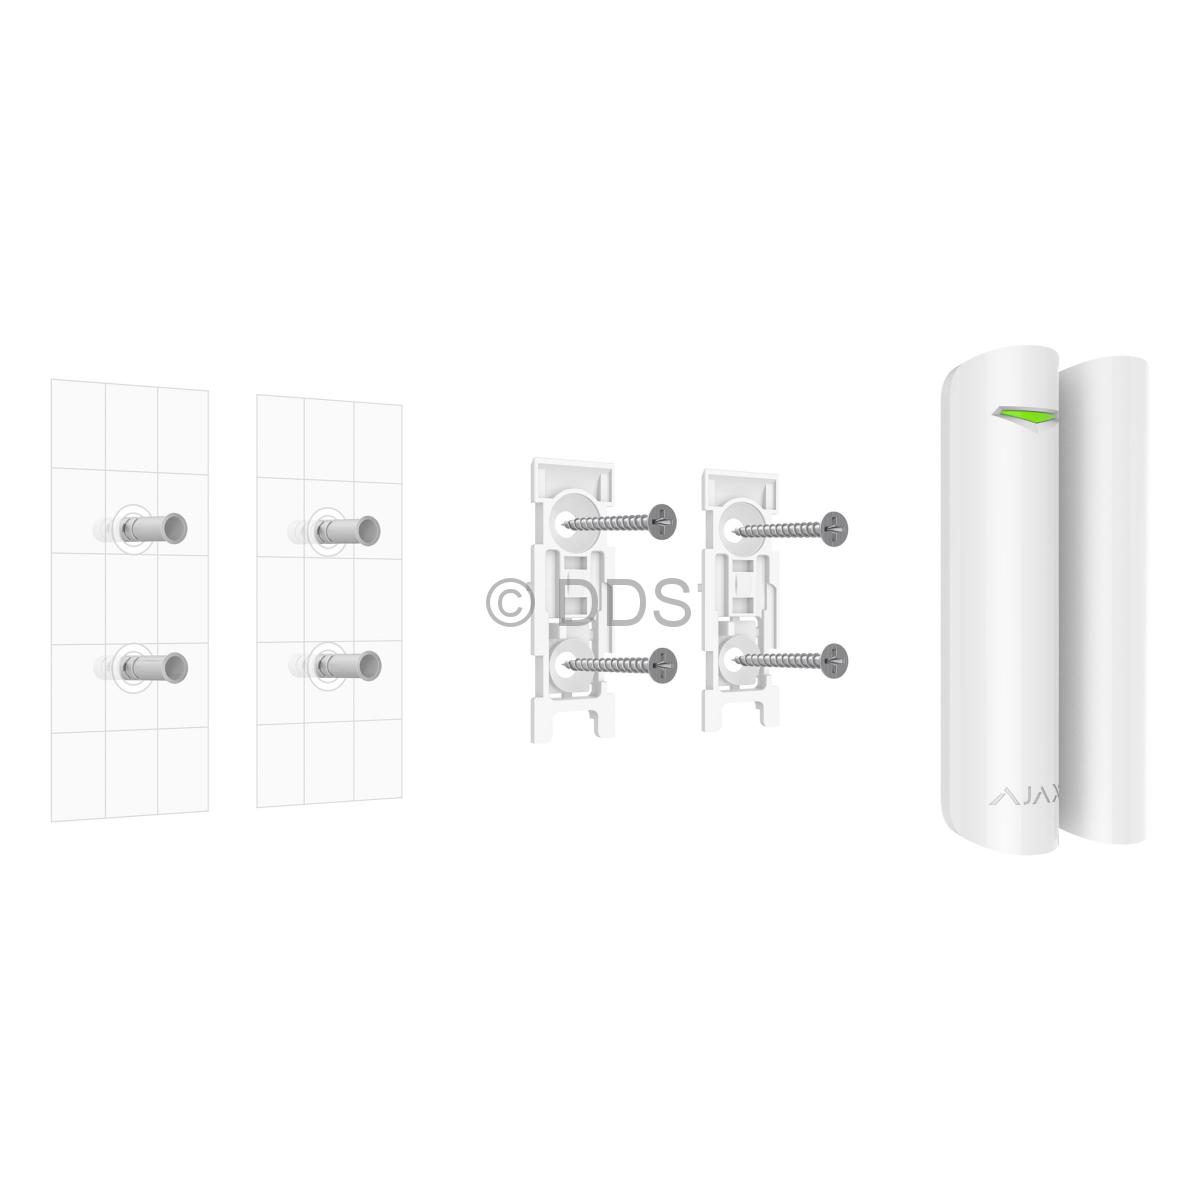 Installation of the Ajax DoorProtect Opening Detector